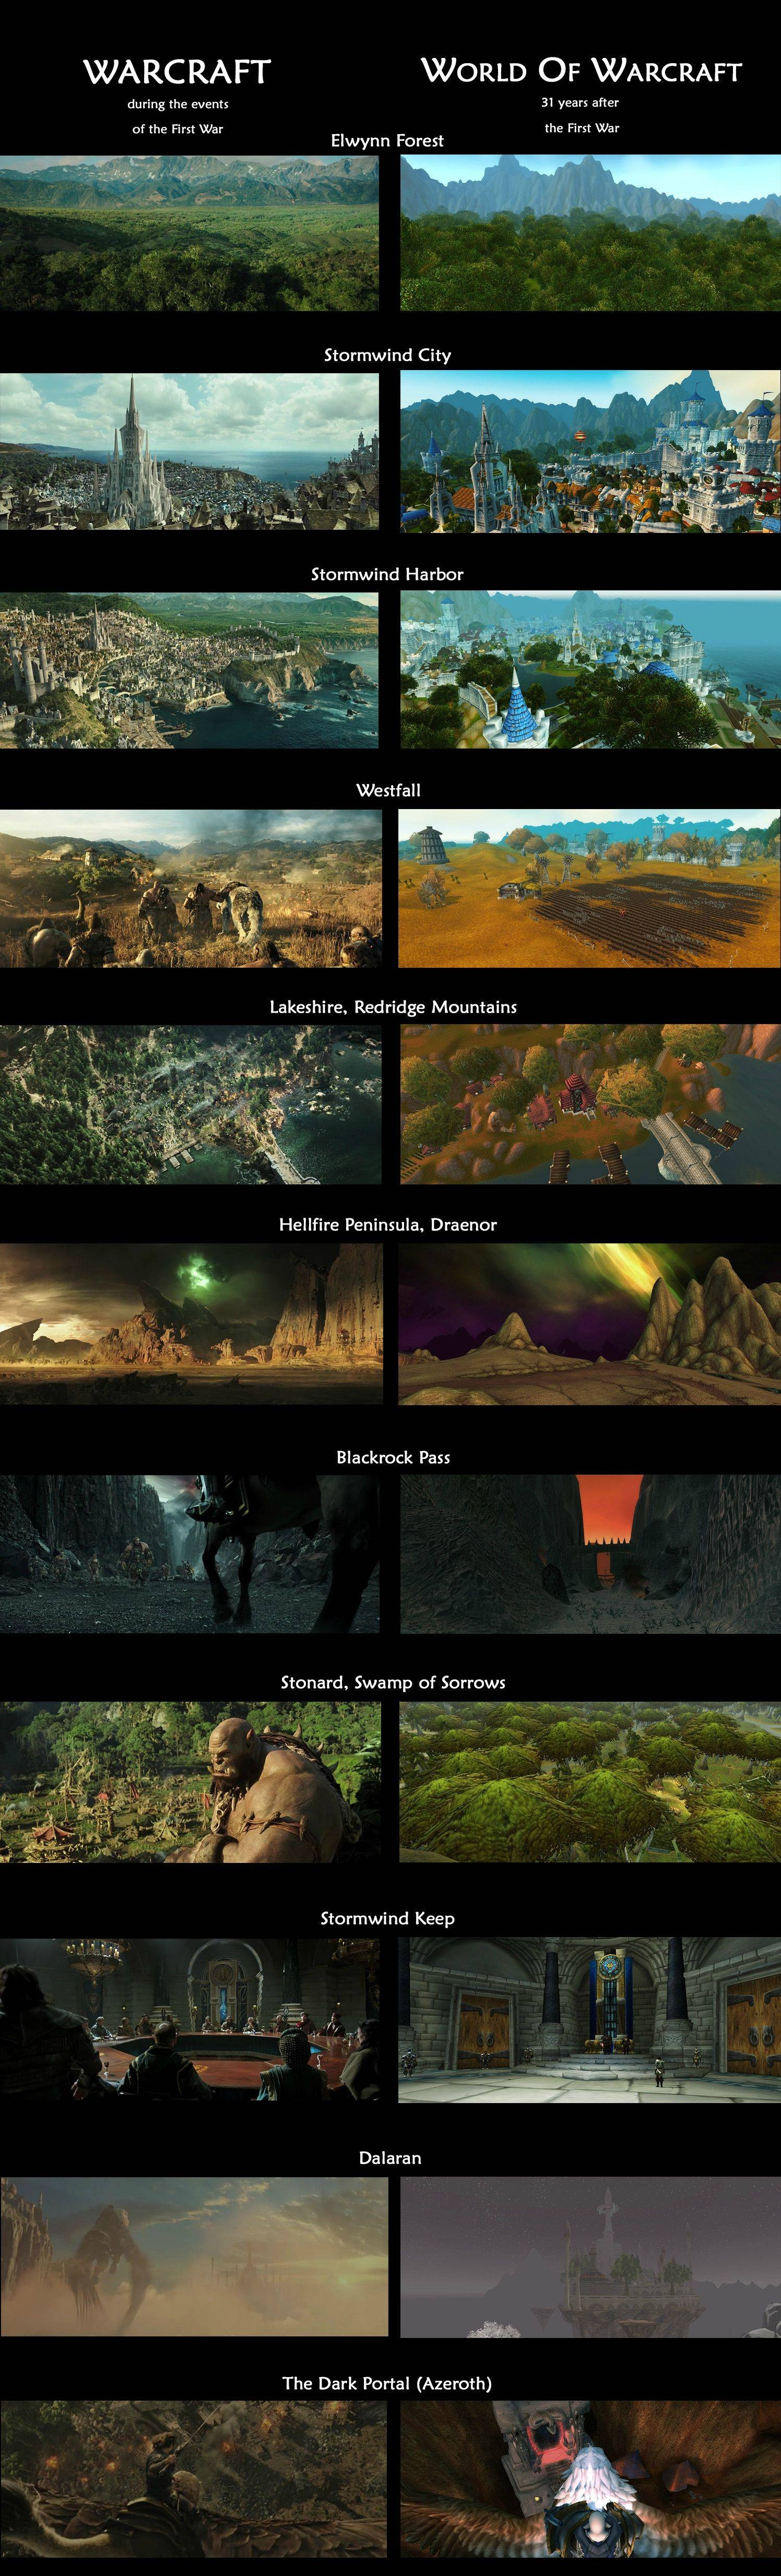 warcraft-movie-6-world